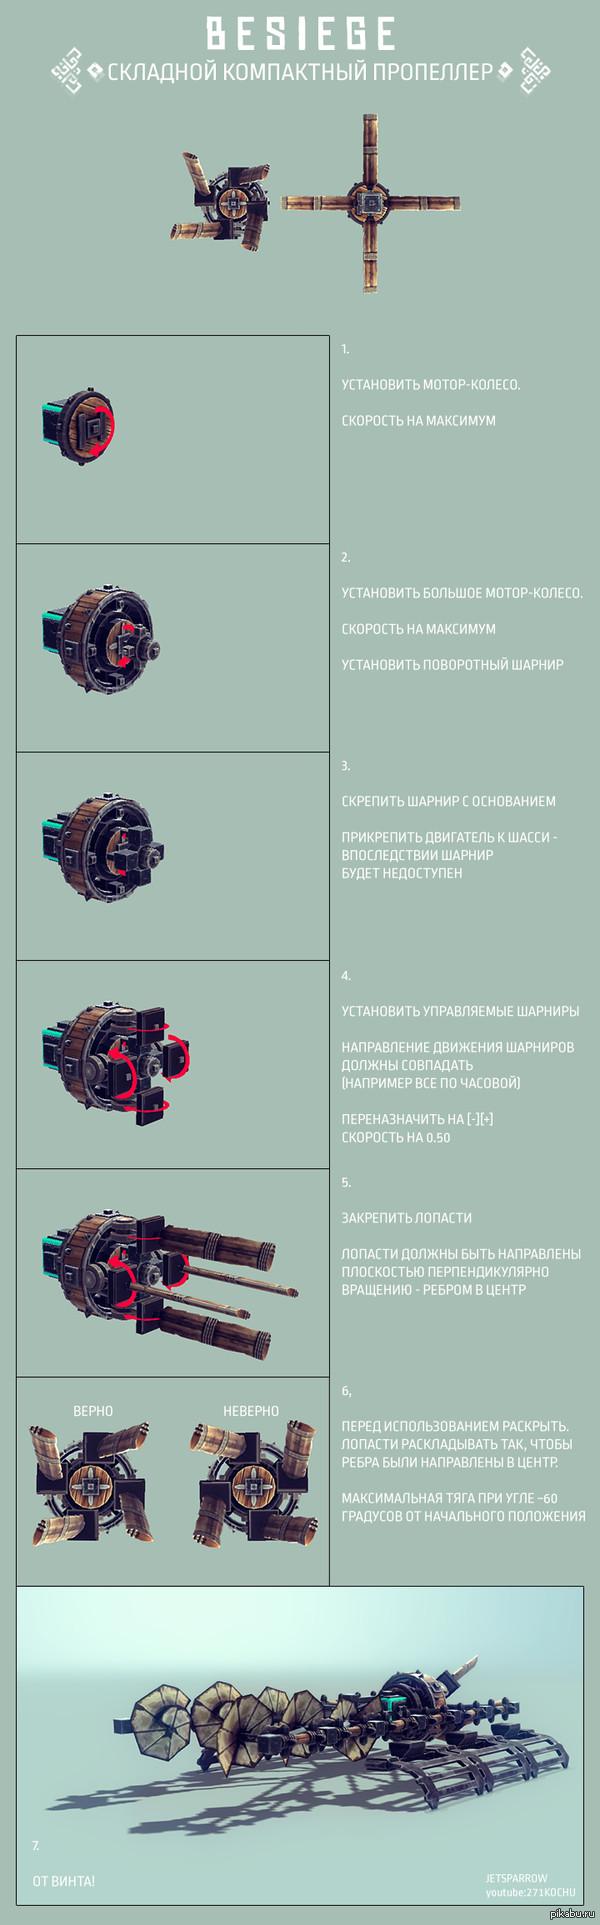 """Складной компактный пропеллер - схема для сборки В действии <a href=""""http://pikabu.ru/story/ulratonkie_skorostnyie_ayerosani_3212958"""">http://pikabu.ru/story/_3212958</a>"""